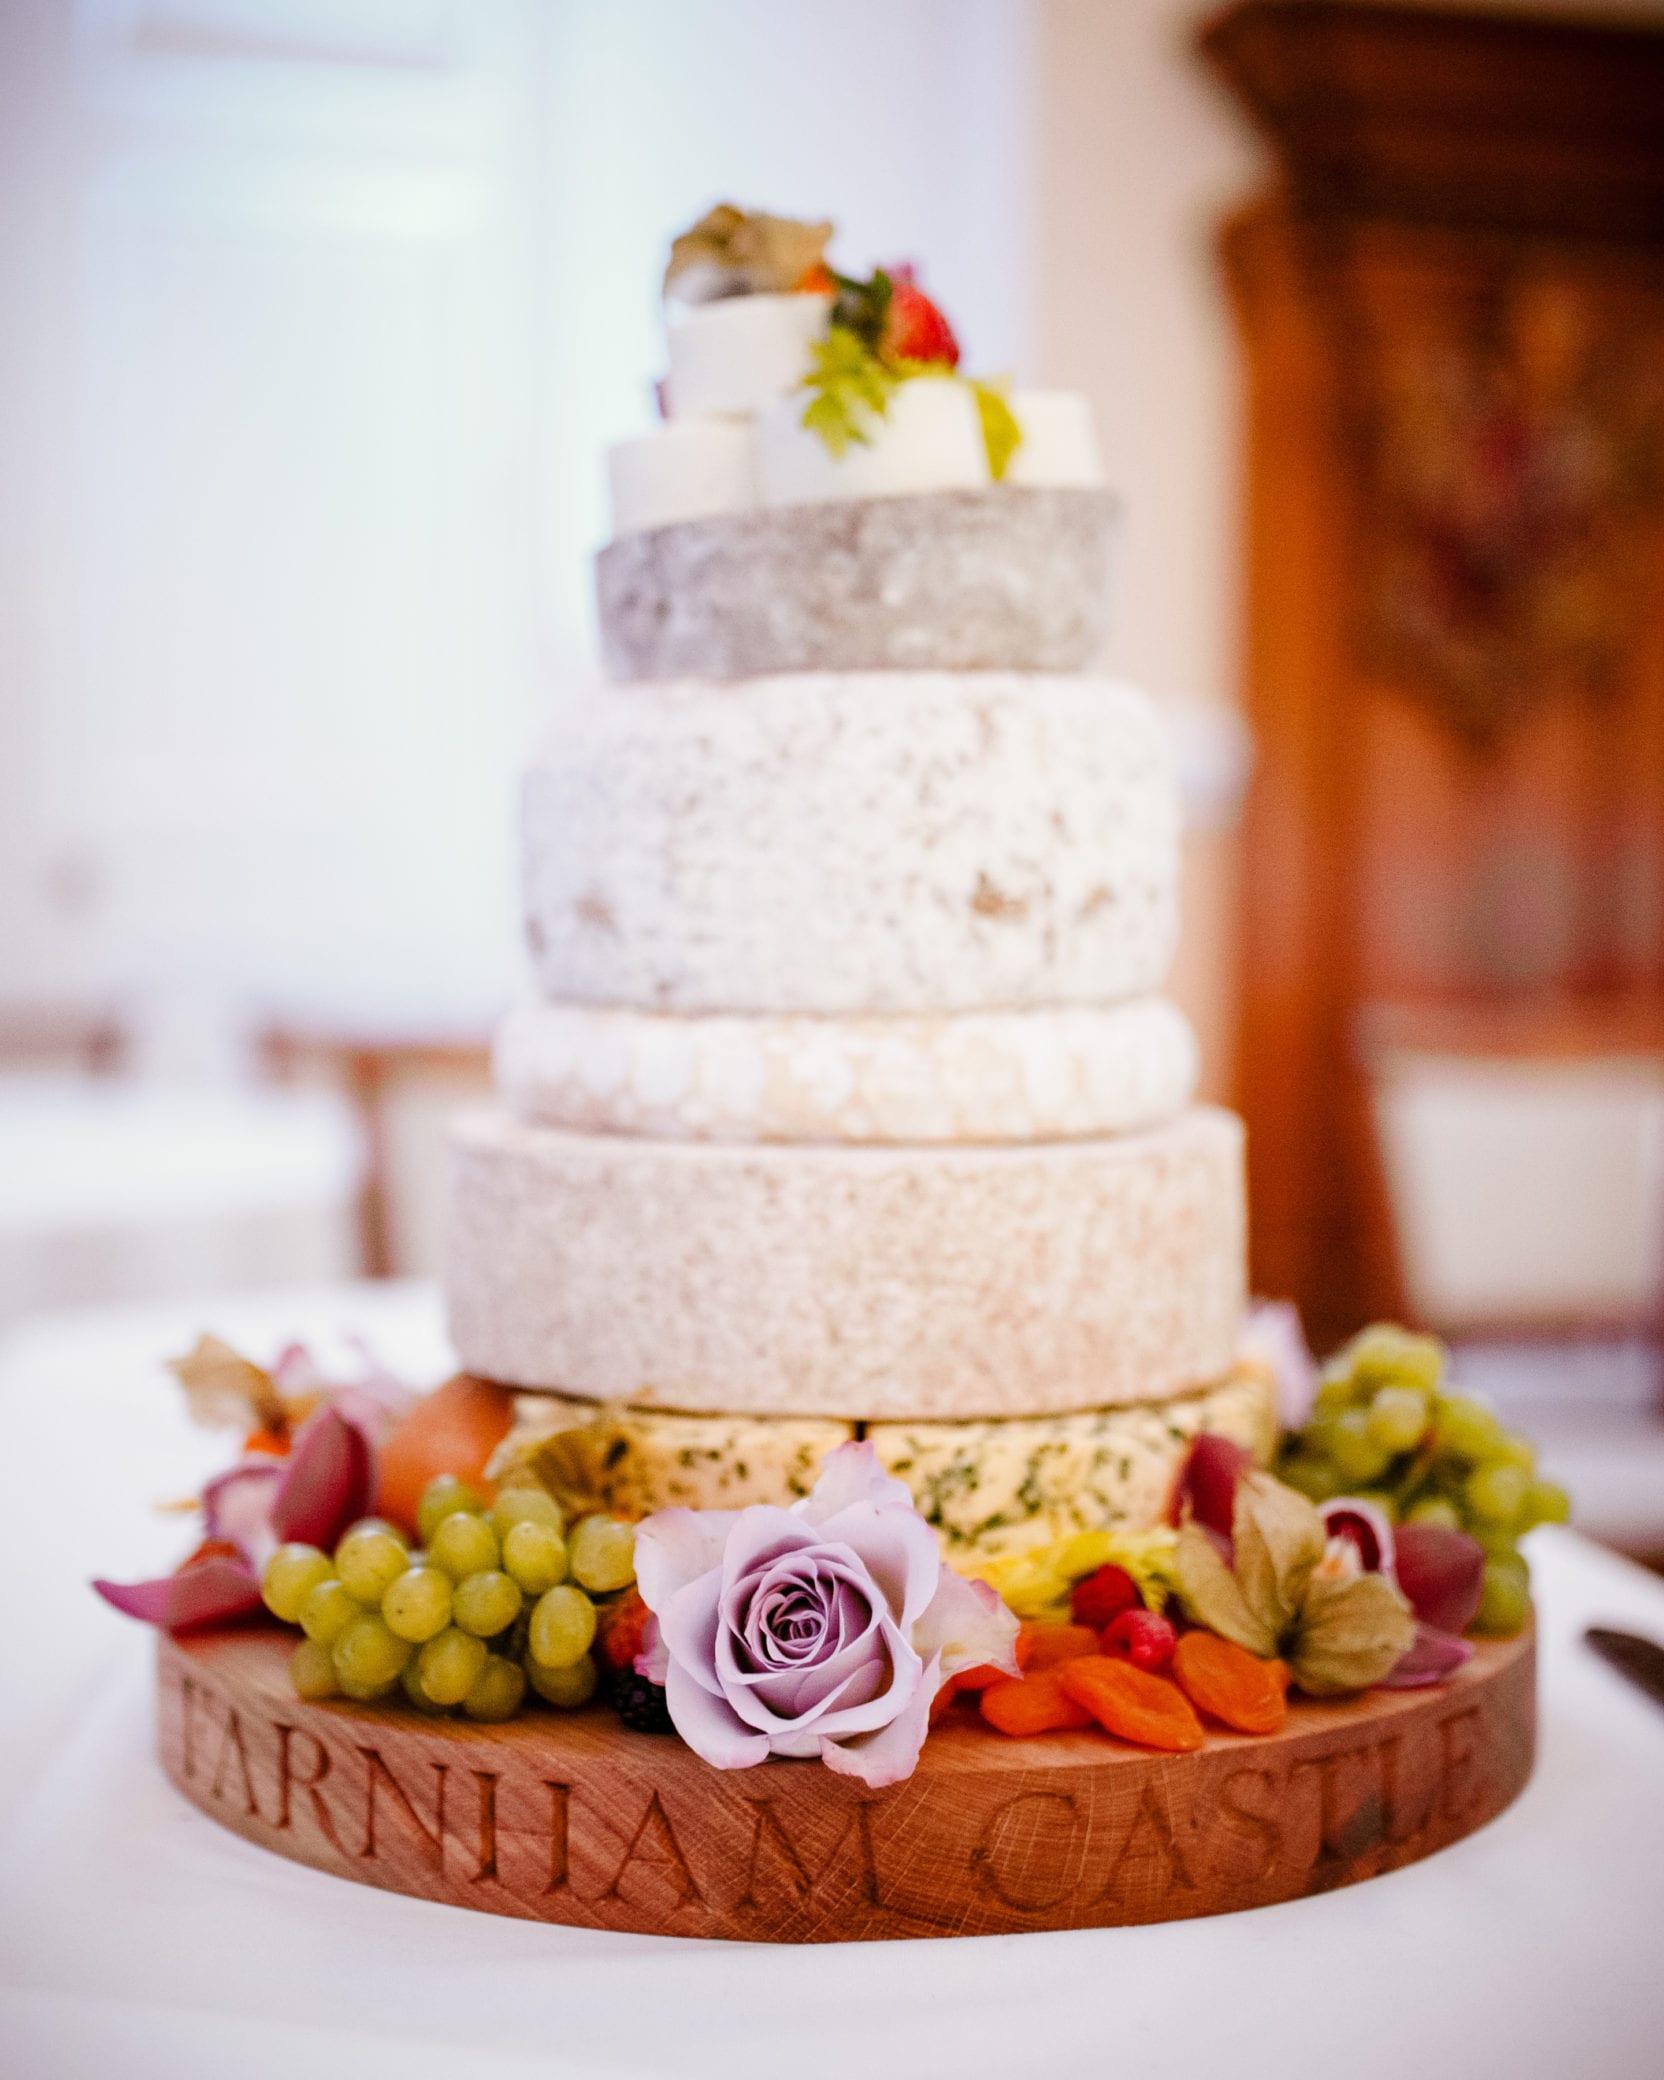 Cake ideas at Farnham Castle in Surrey